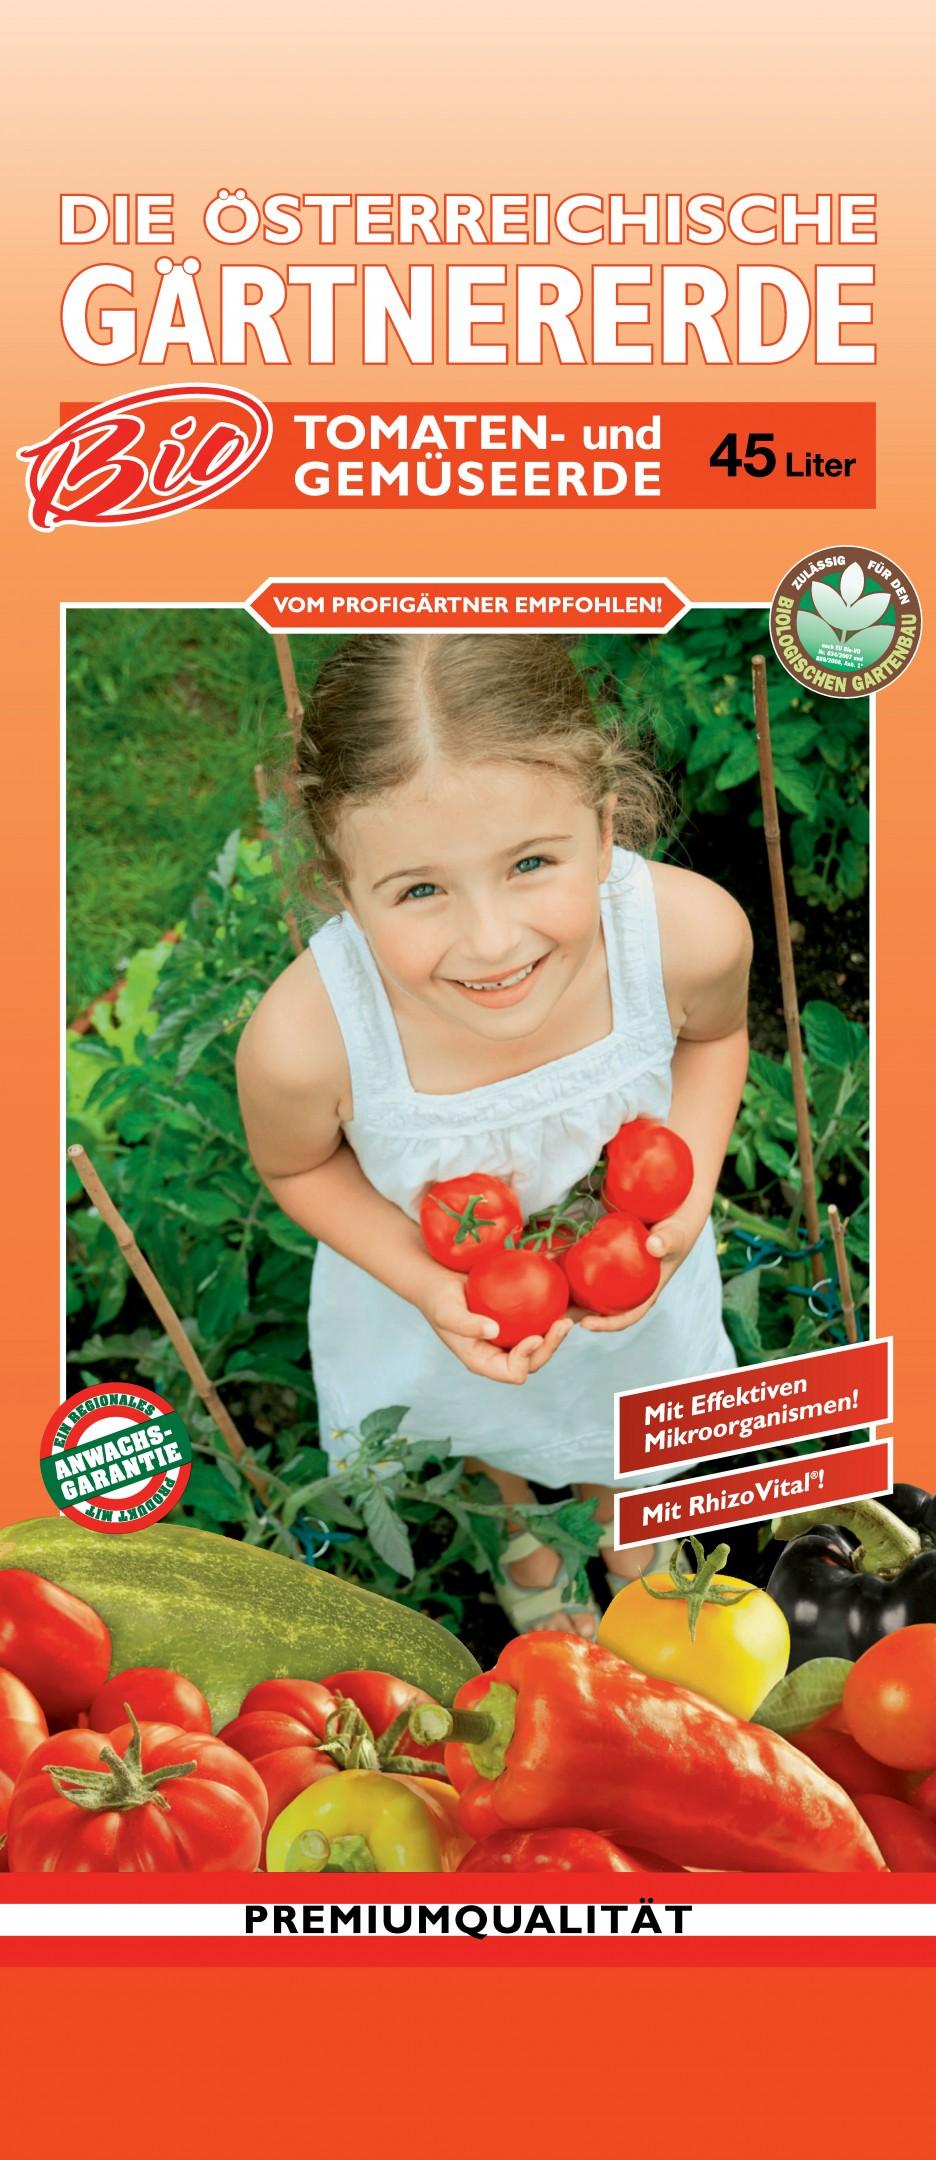 Bio Tomaten- und Gemüseerde 45l Bild 1